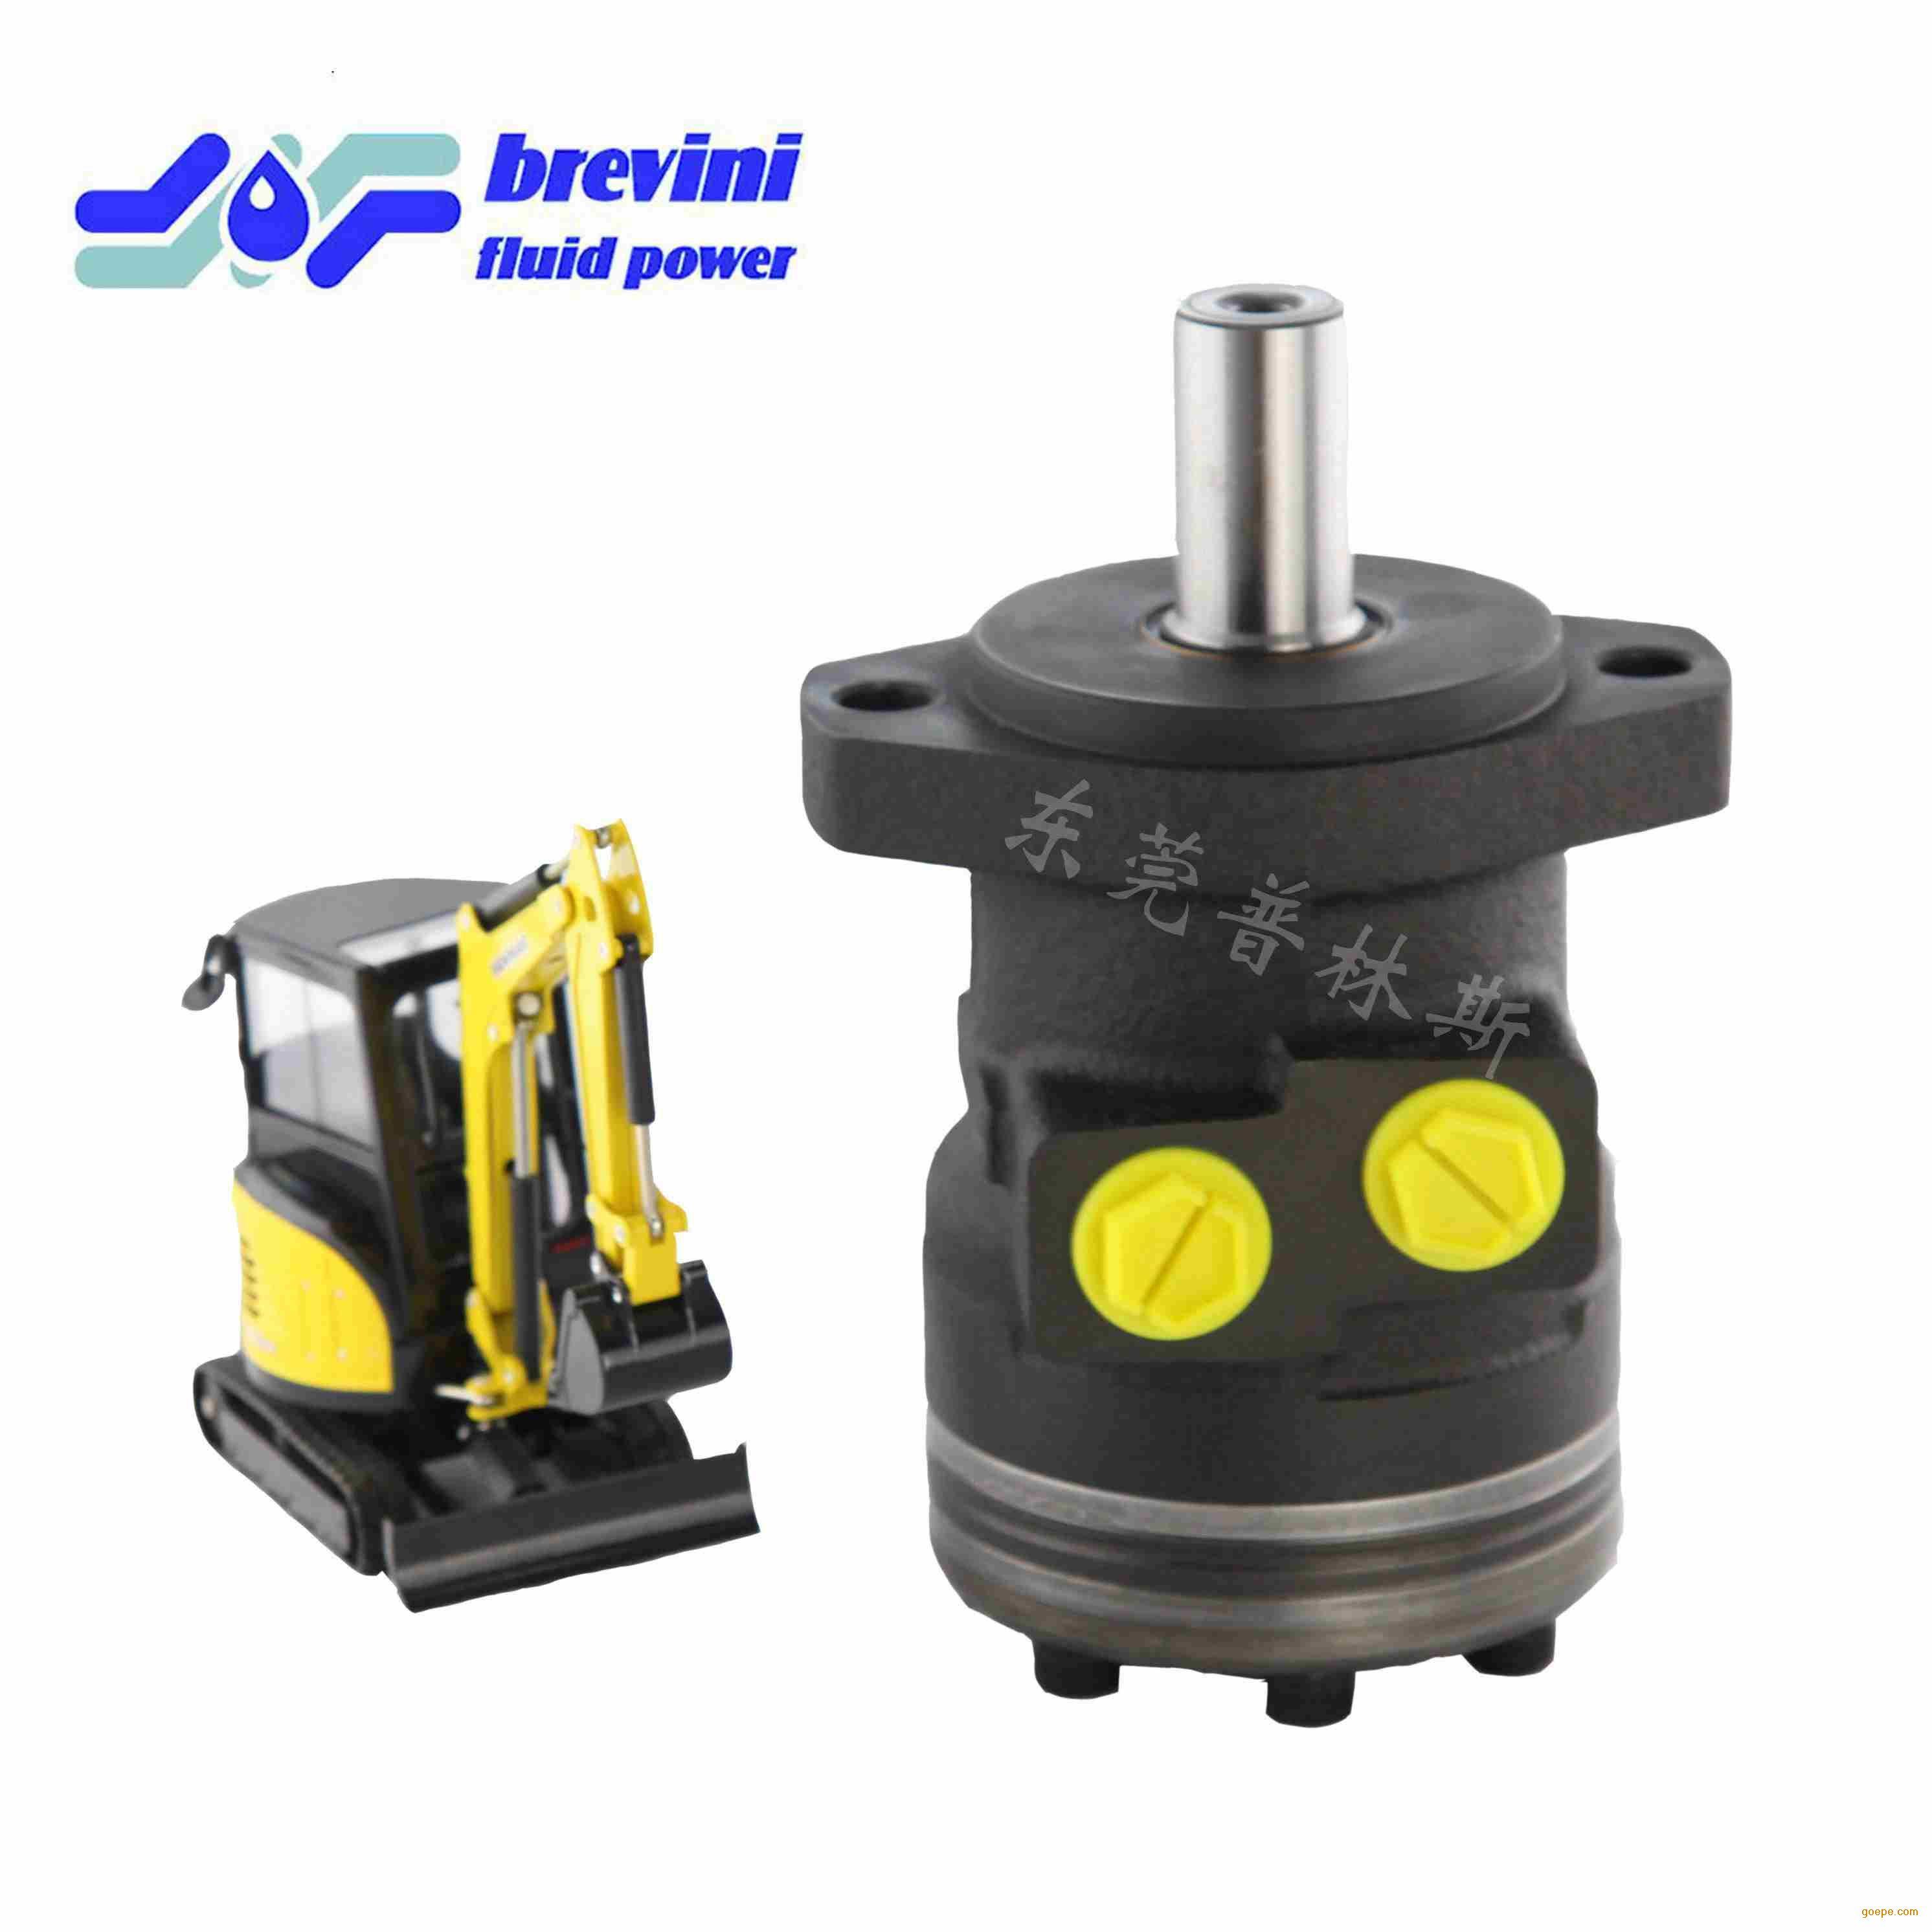 意大利布雷维尼 摆线液压马达 钻机用bge-200 油图片